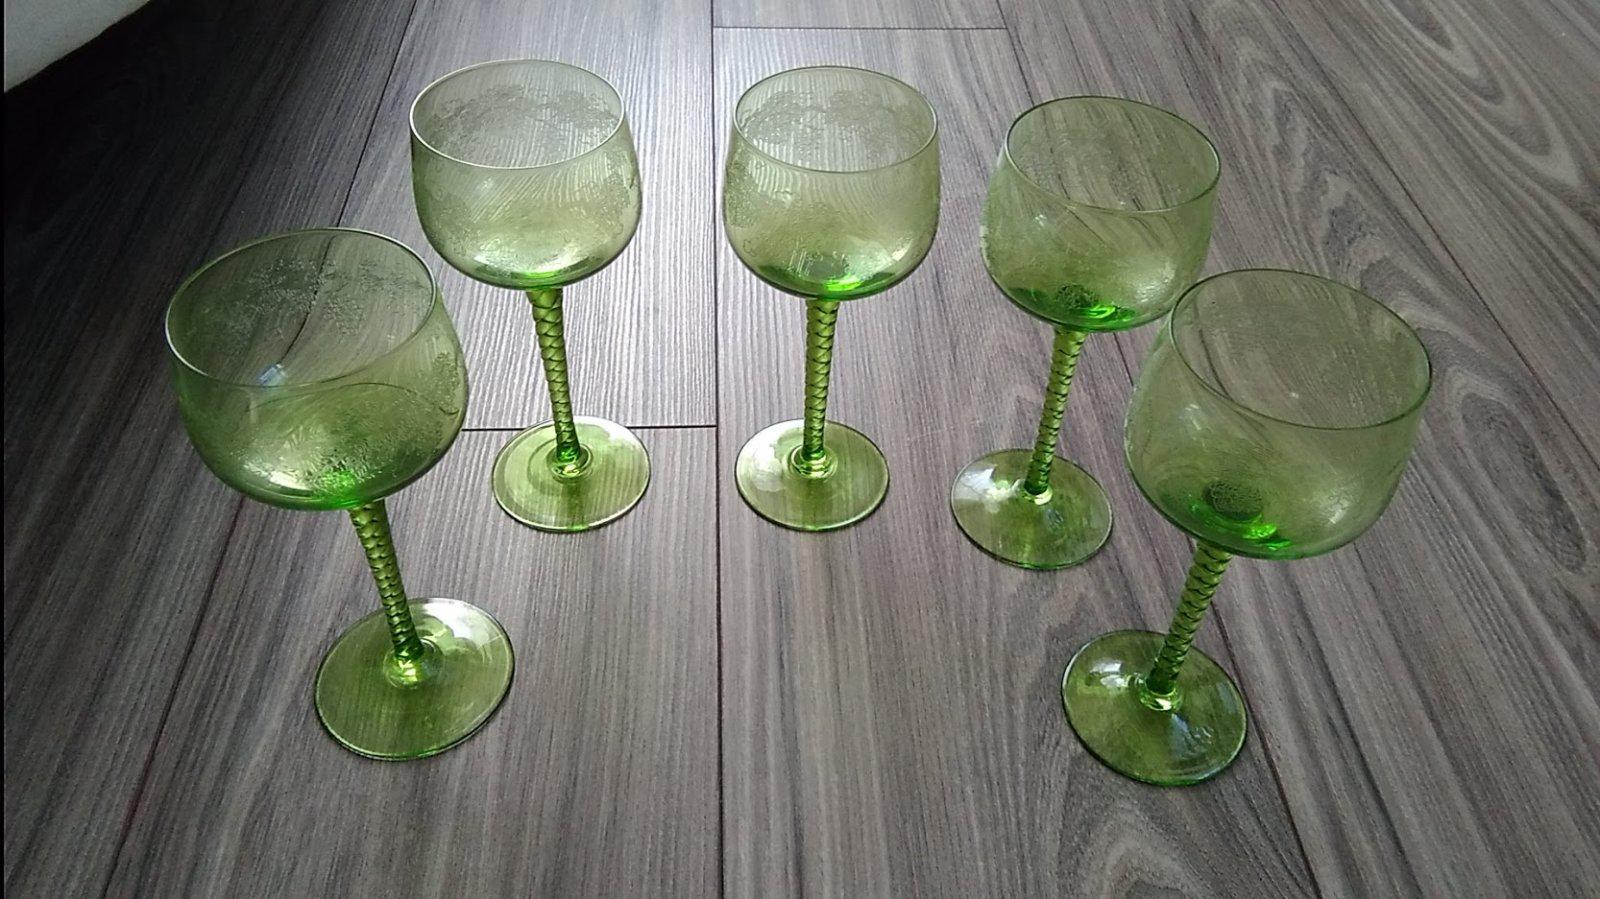 40 ročné vínové poháre - Obrázok č. 1